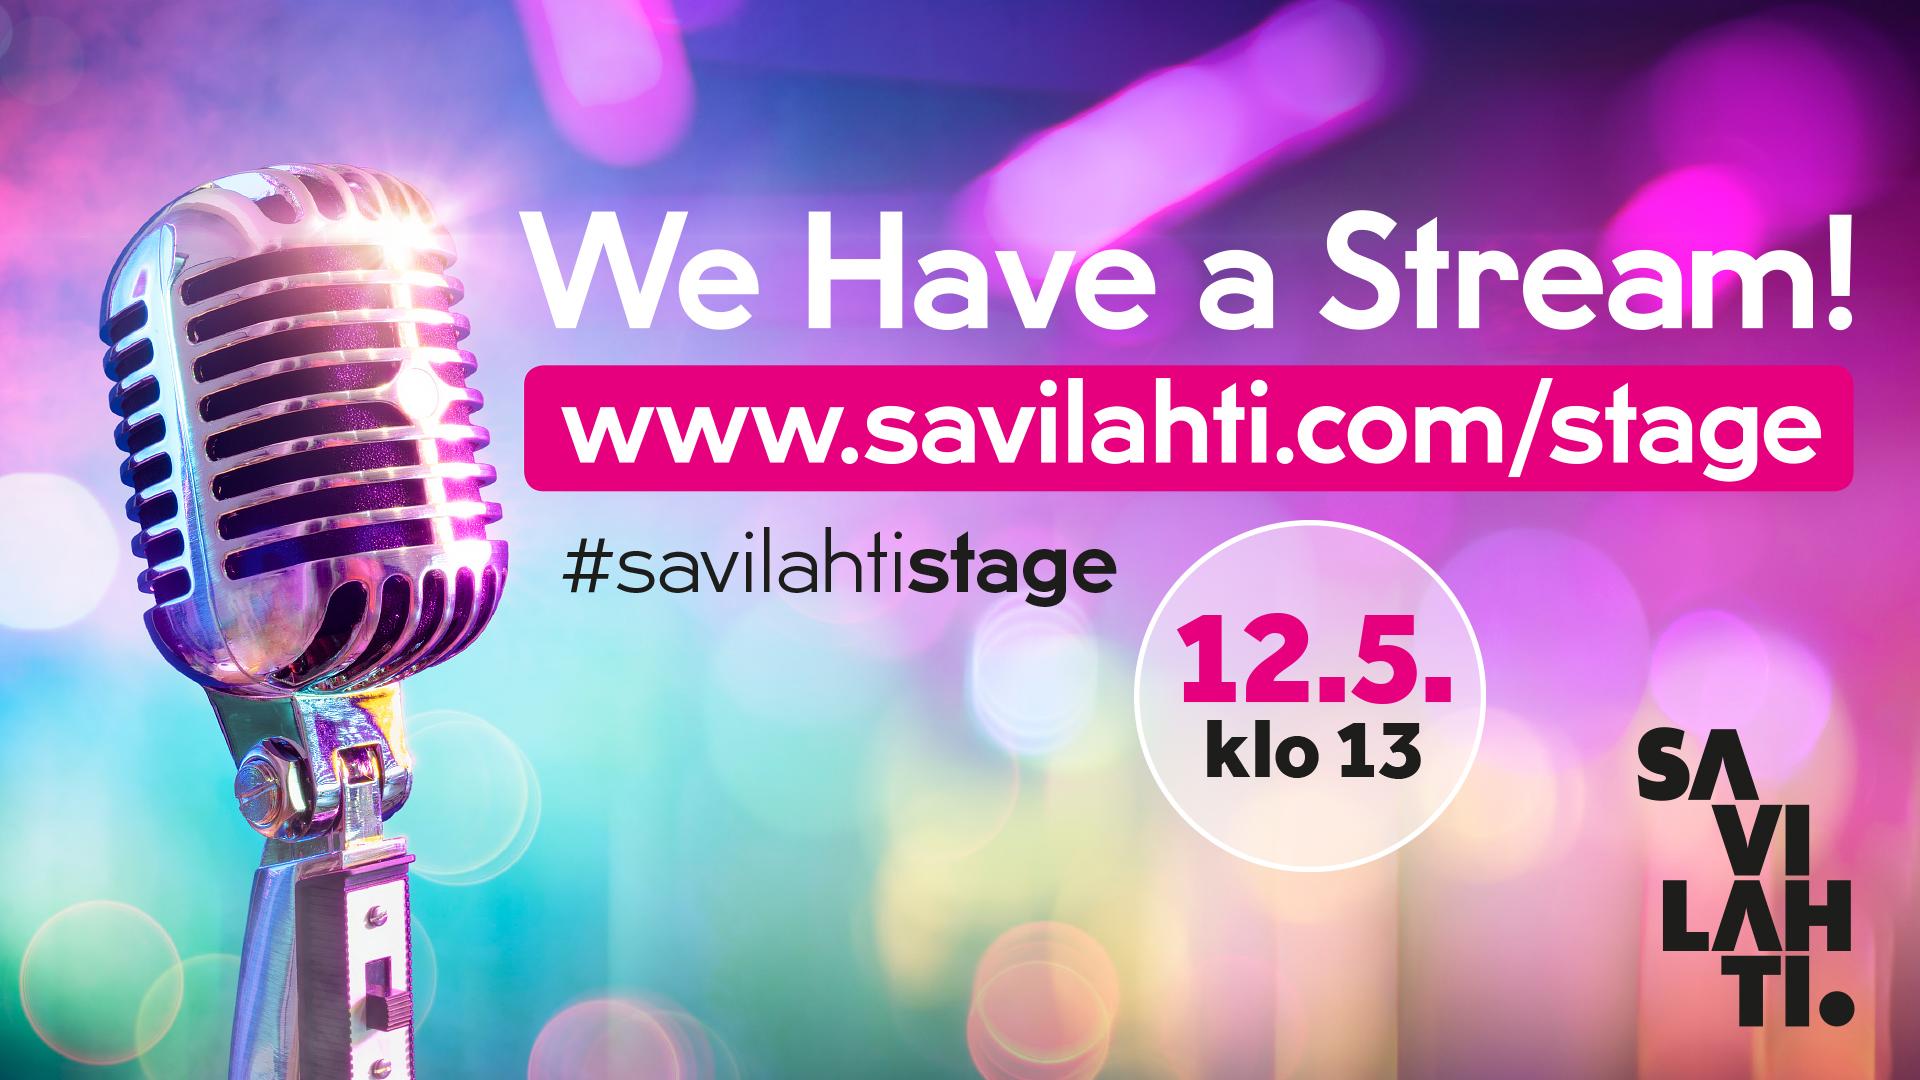 """Savilahti Stagen mainosjulisteessa näkyy vanhanaikainen mikrofoni, sekö teksti: """"We have a stream! www.savilahti.com/stage #savilahtistage 12.5. klo 13"""""""